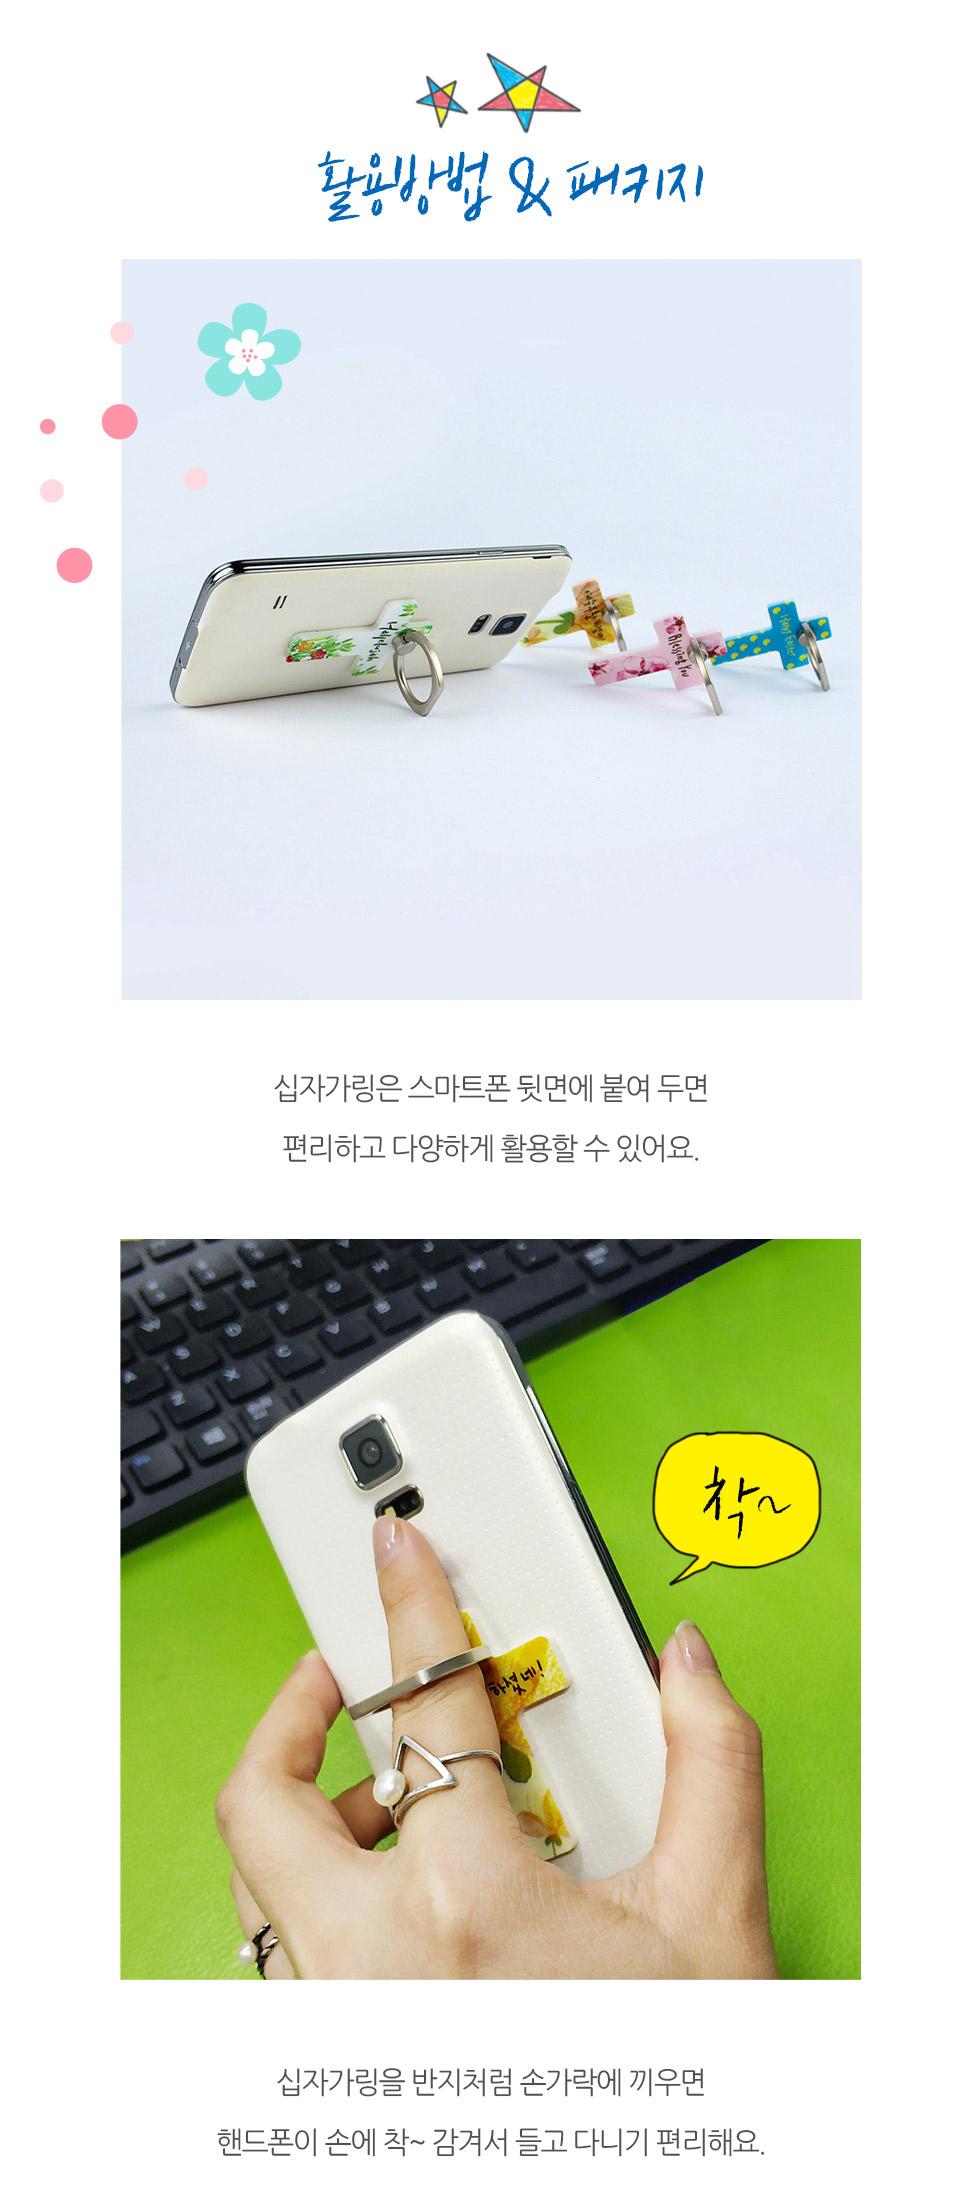 부활절 선물 스마트폰거치대 십자가링 스페셜에디션 4종 휴대폰 뒤에 붙여 떨어뜨리지 않고 안전하게 사용할 수 있어요.